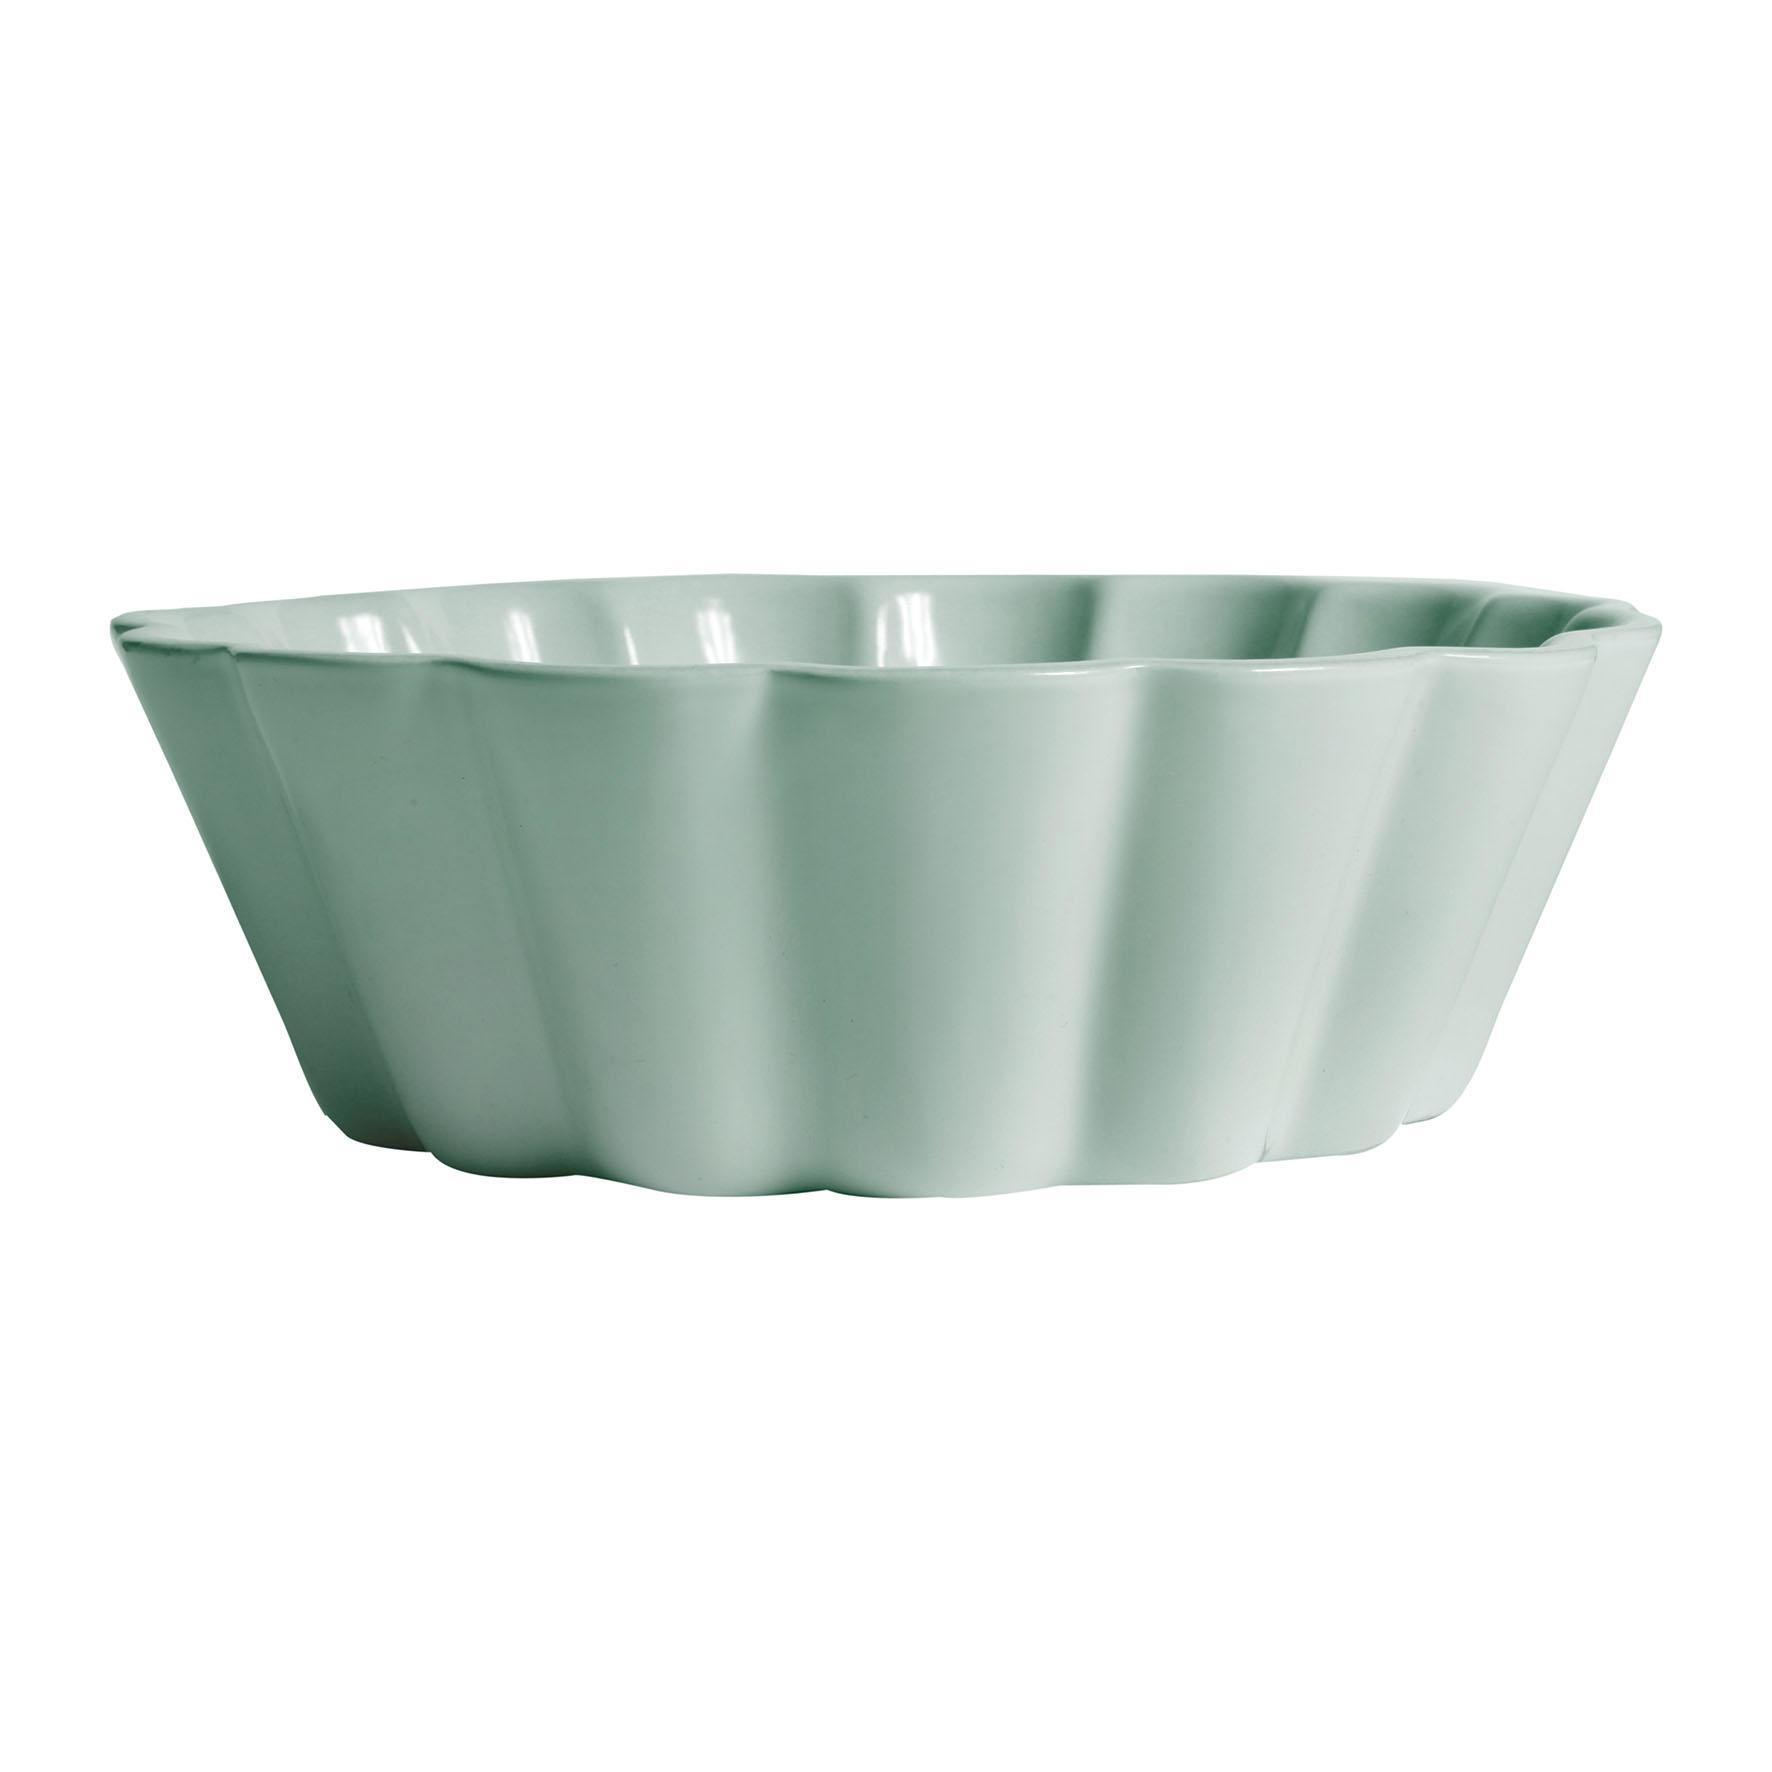 CÔTÉ TABLE Zapékací mísa Lisea vert 21 cm, zelená barva, keramika